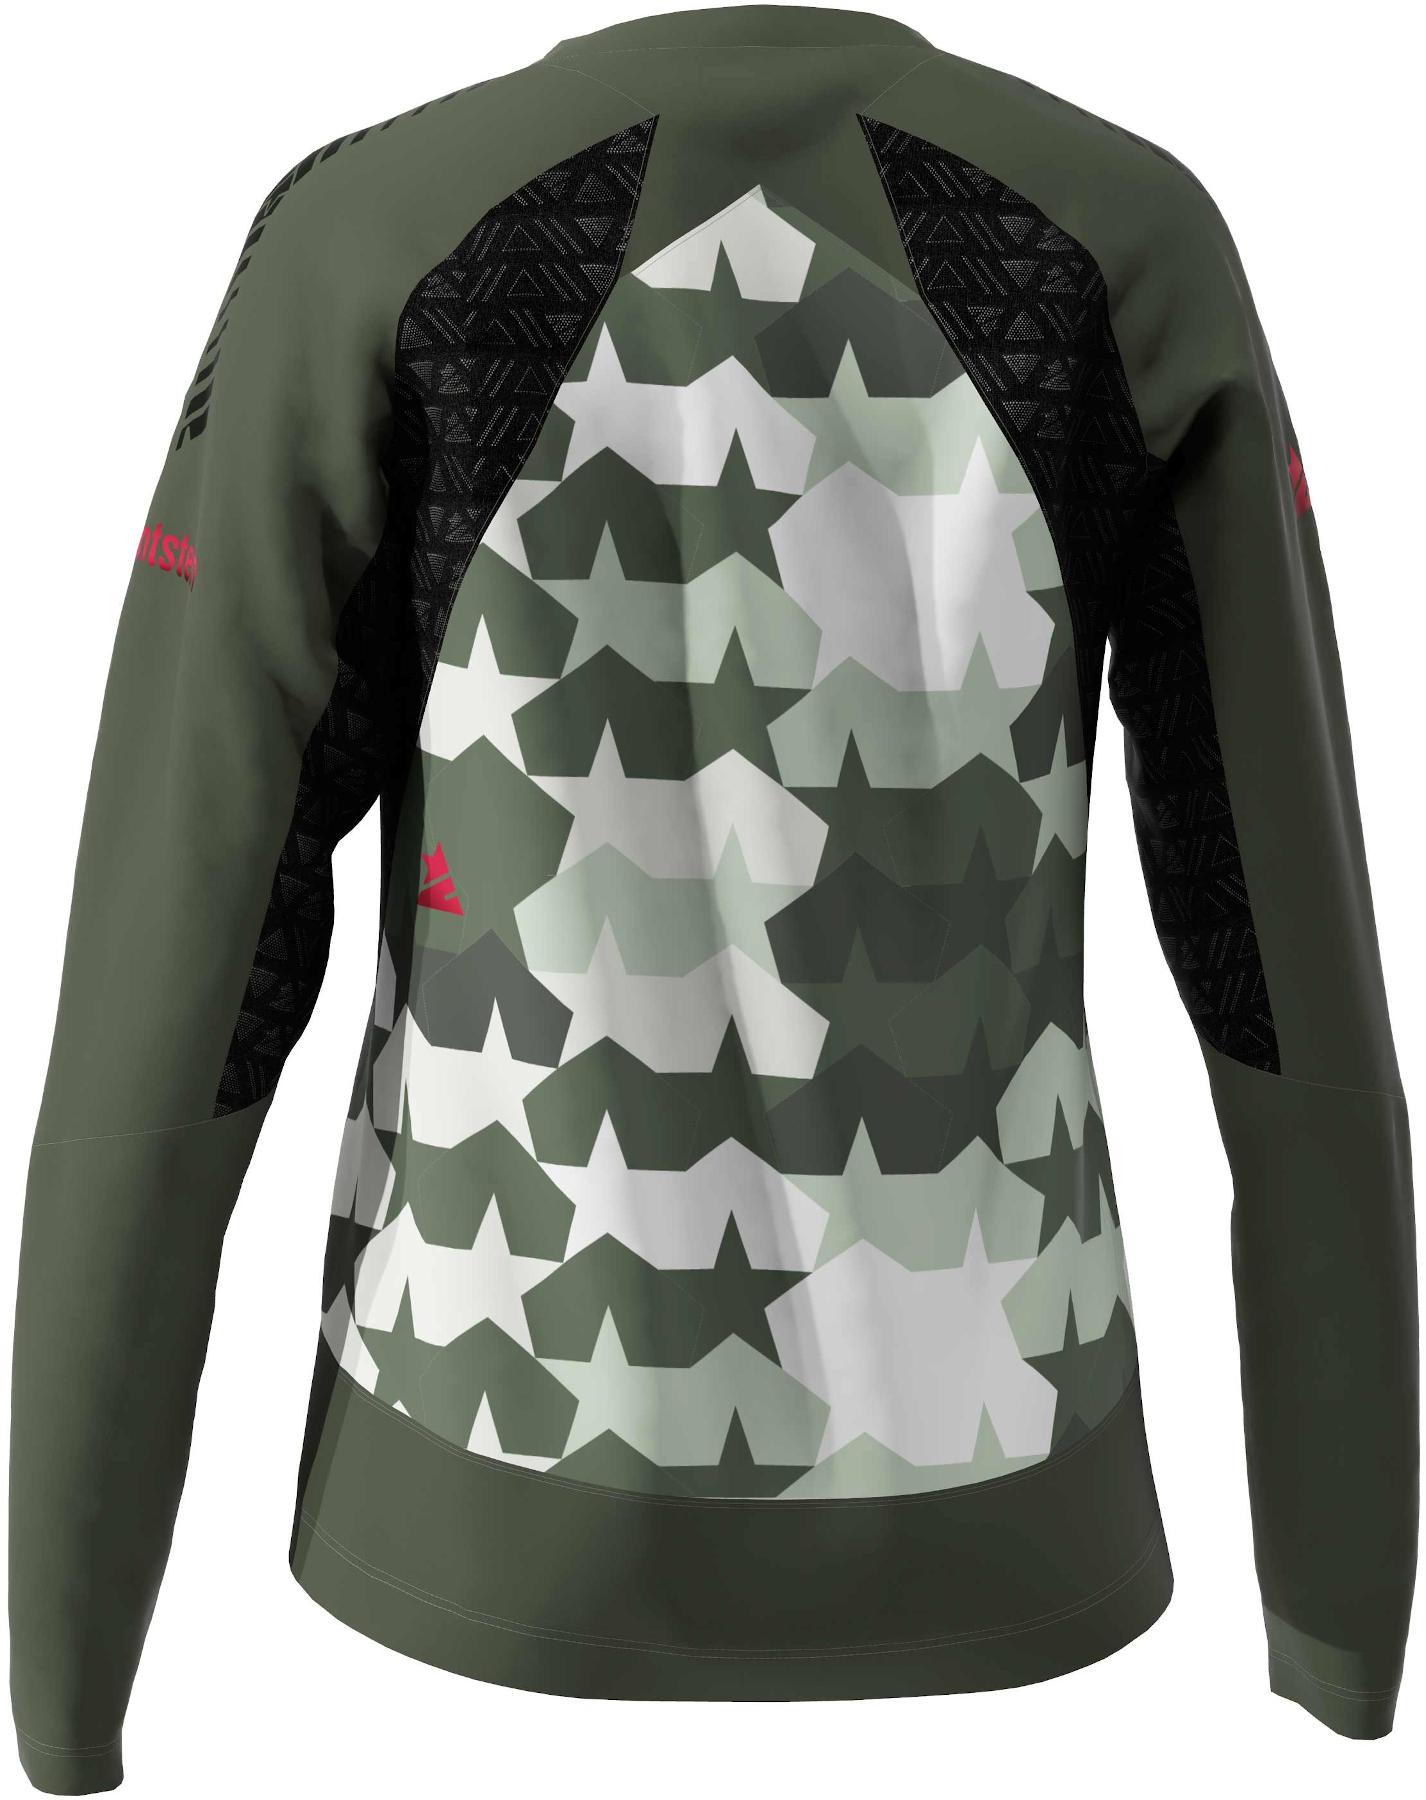 Bild von Zimtstern TechZonez MTB-Langarmshirt für Damen - fog green/forest night/jester red